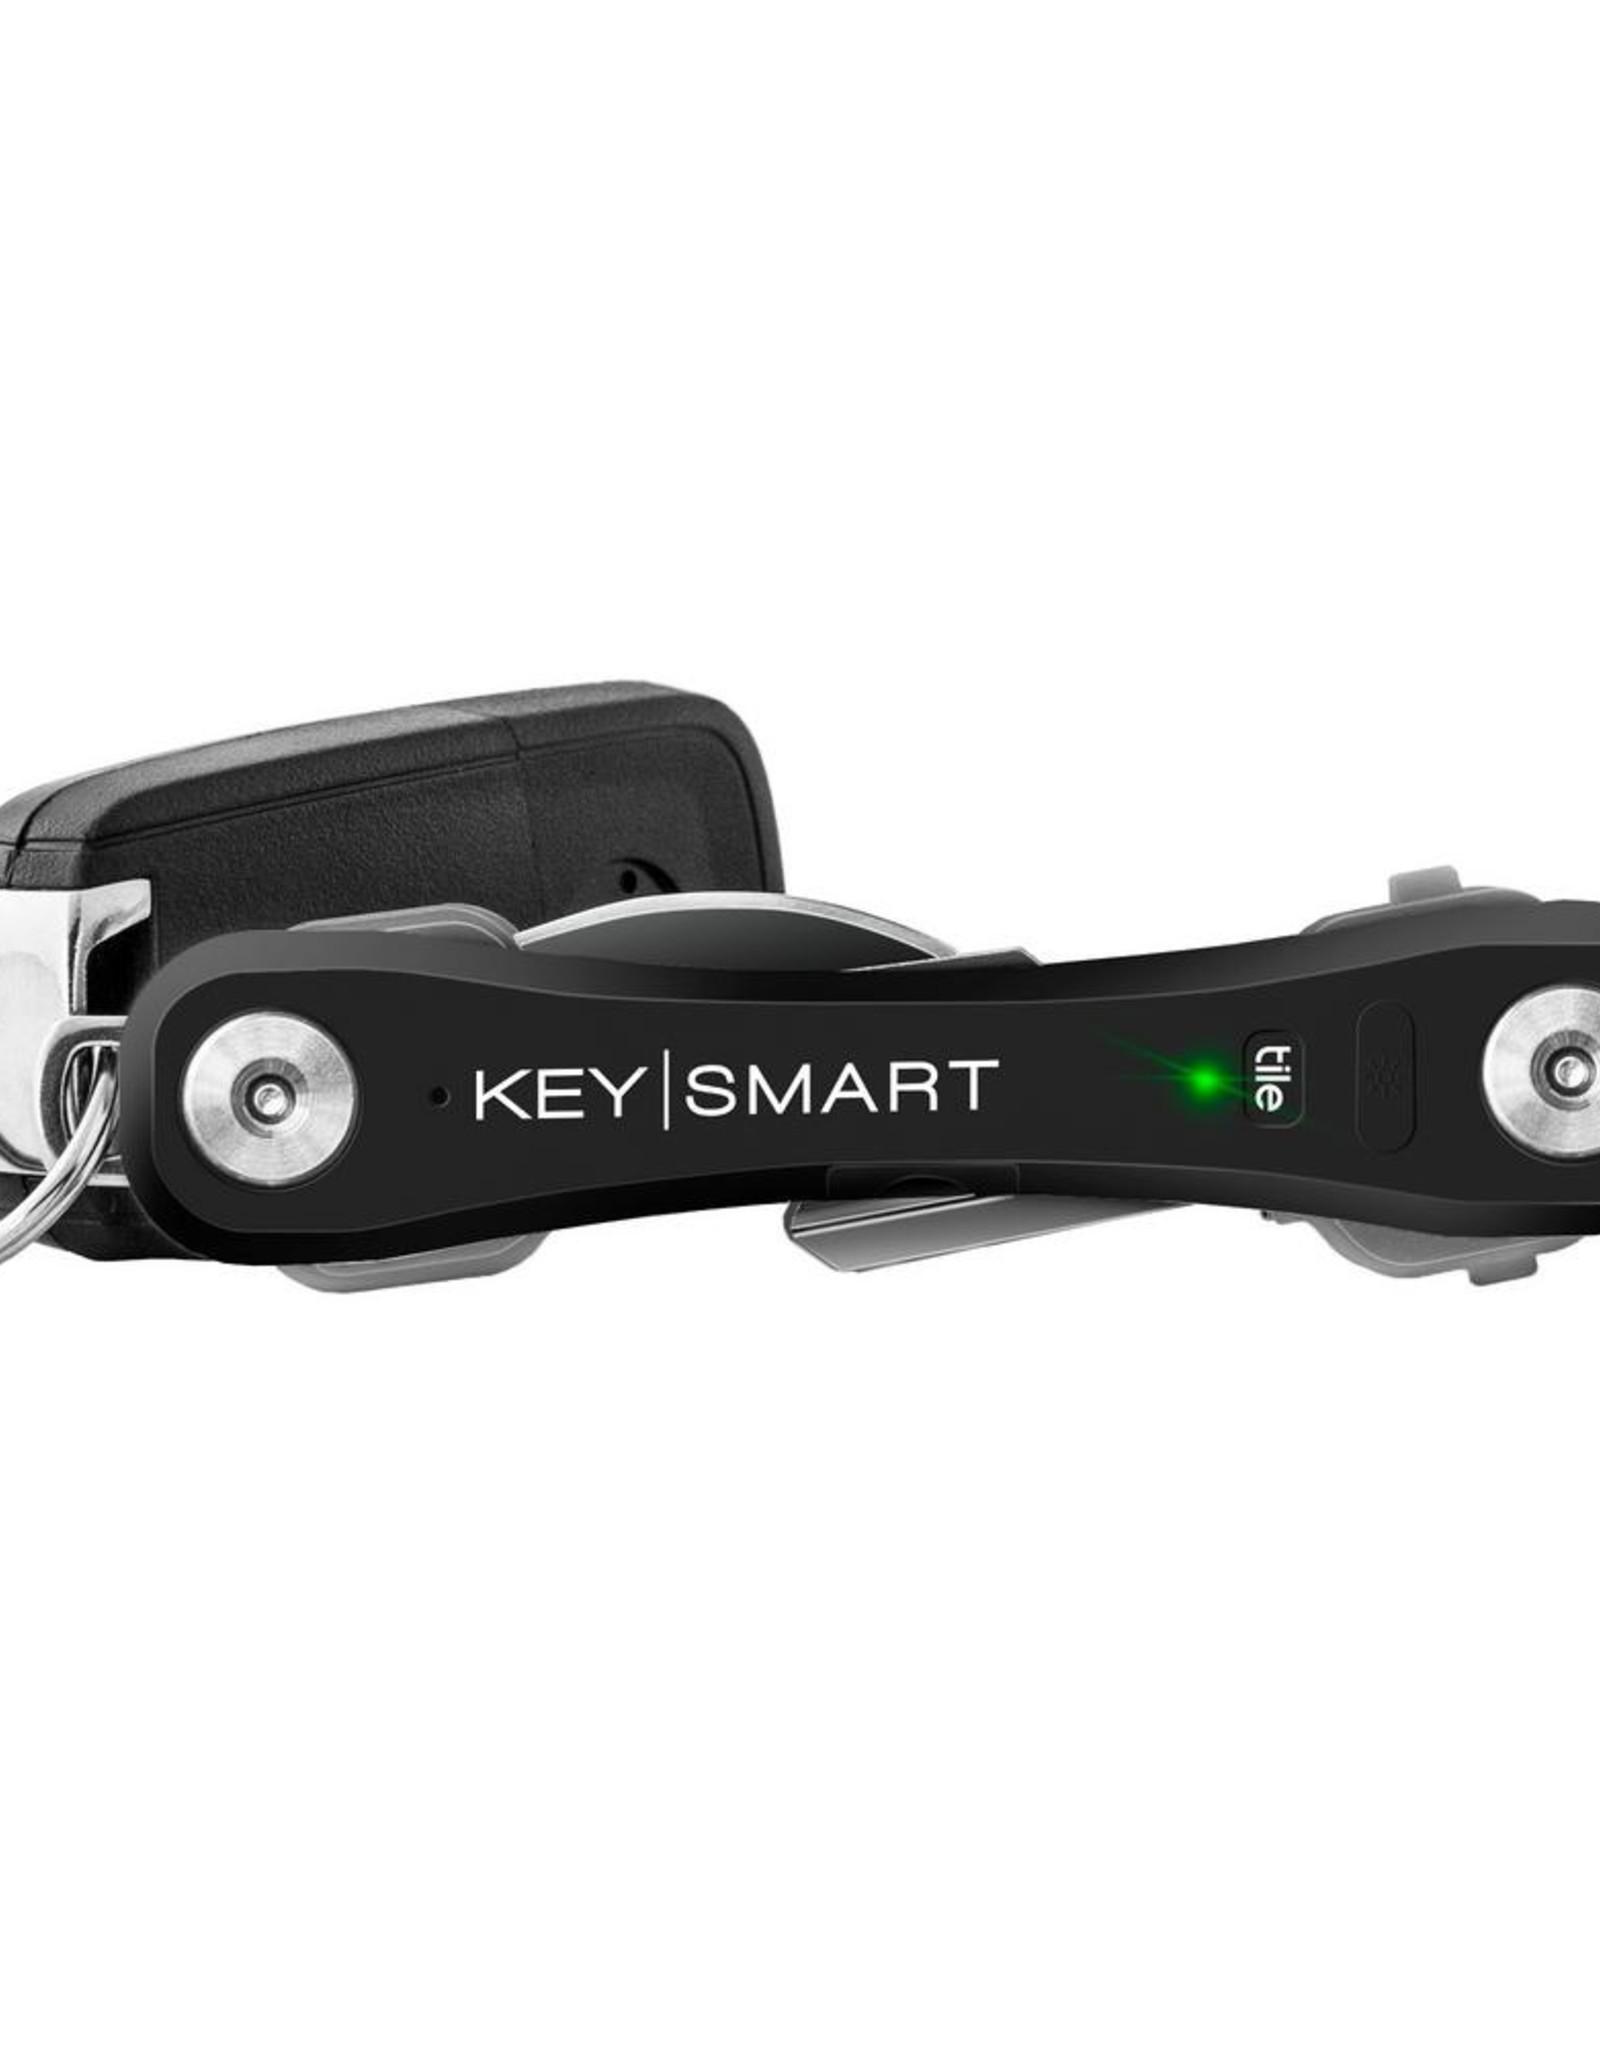 KEYSMART PRO COMPACT KEY HOLDER WITH TILE SMART LOCATION-BLACK KS411-BLK